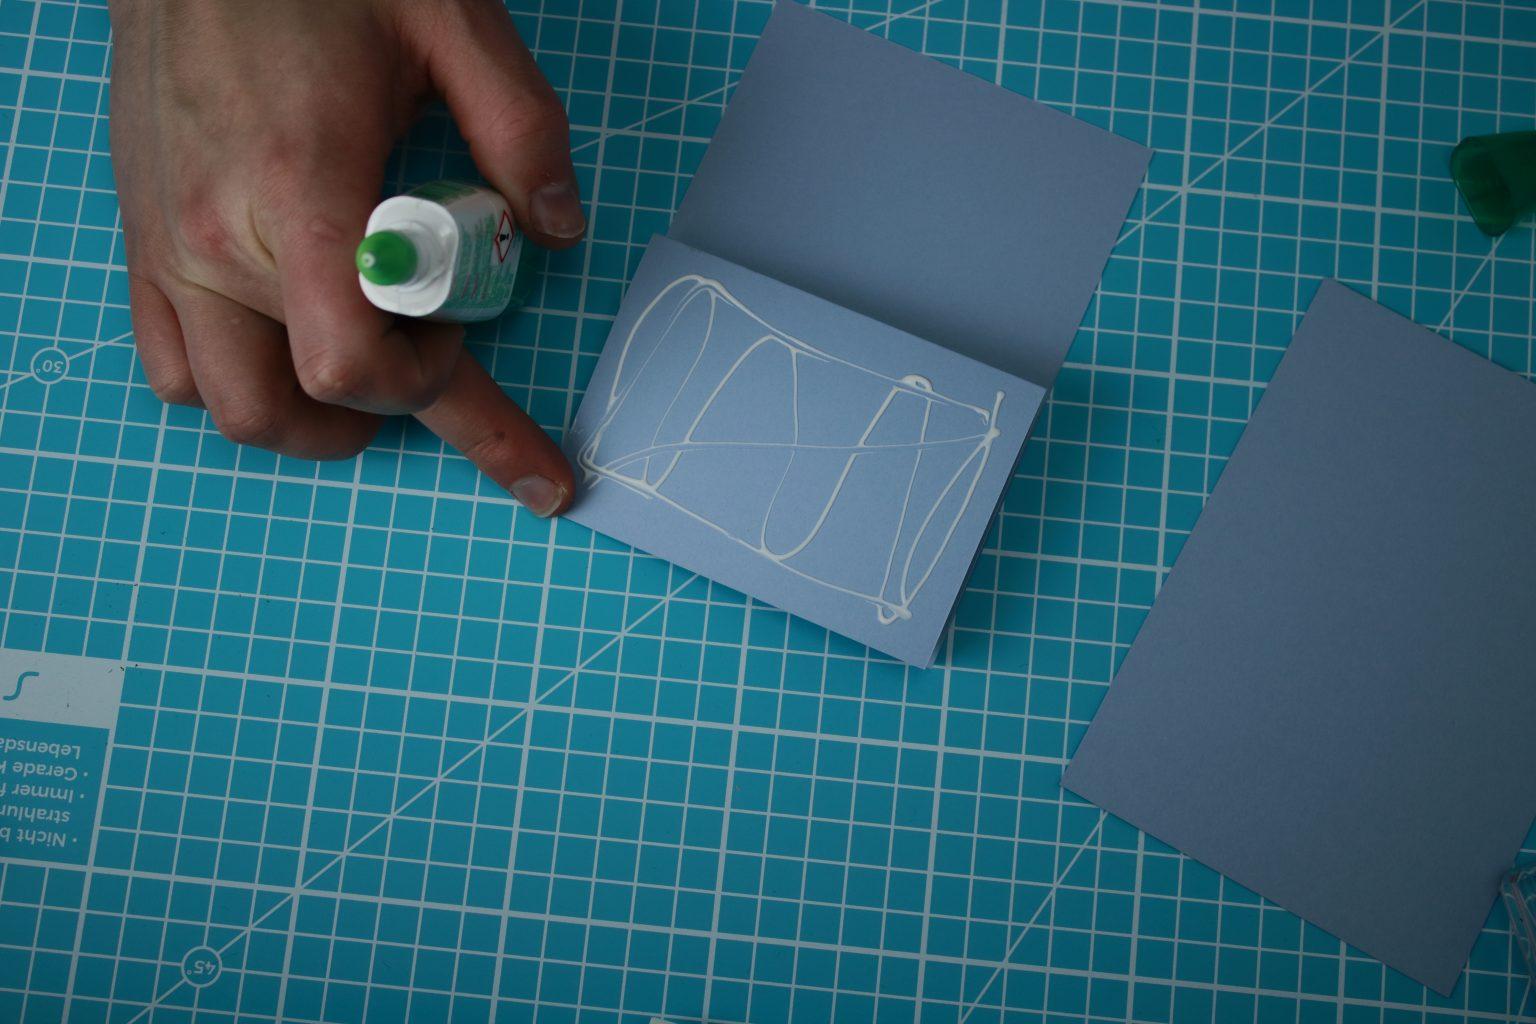 Anschließend habe ich den Farbkarton 10,5 cm x 14,9 auf die obere Fläche 10,5 cm x  7,45 cm mit Flüssigkleber geklebt.